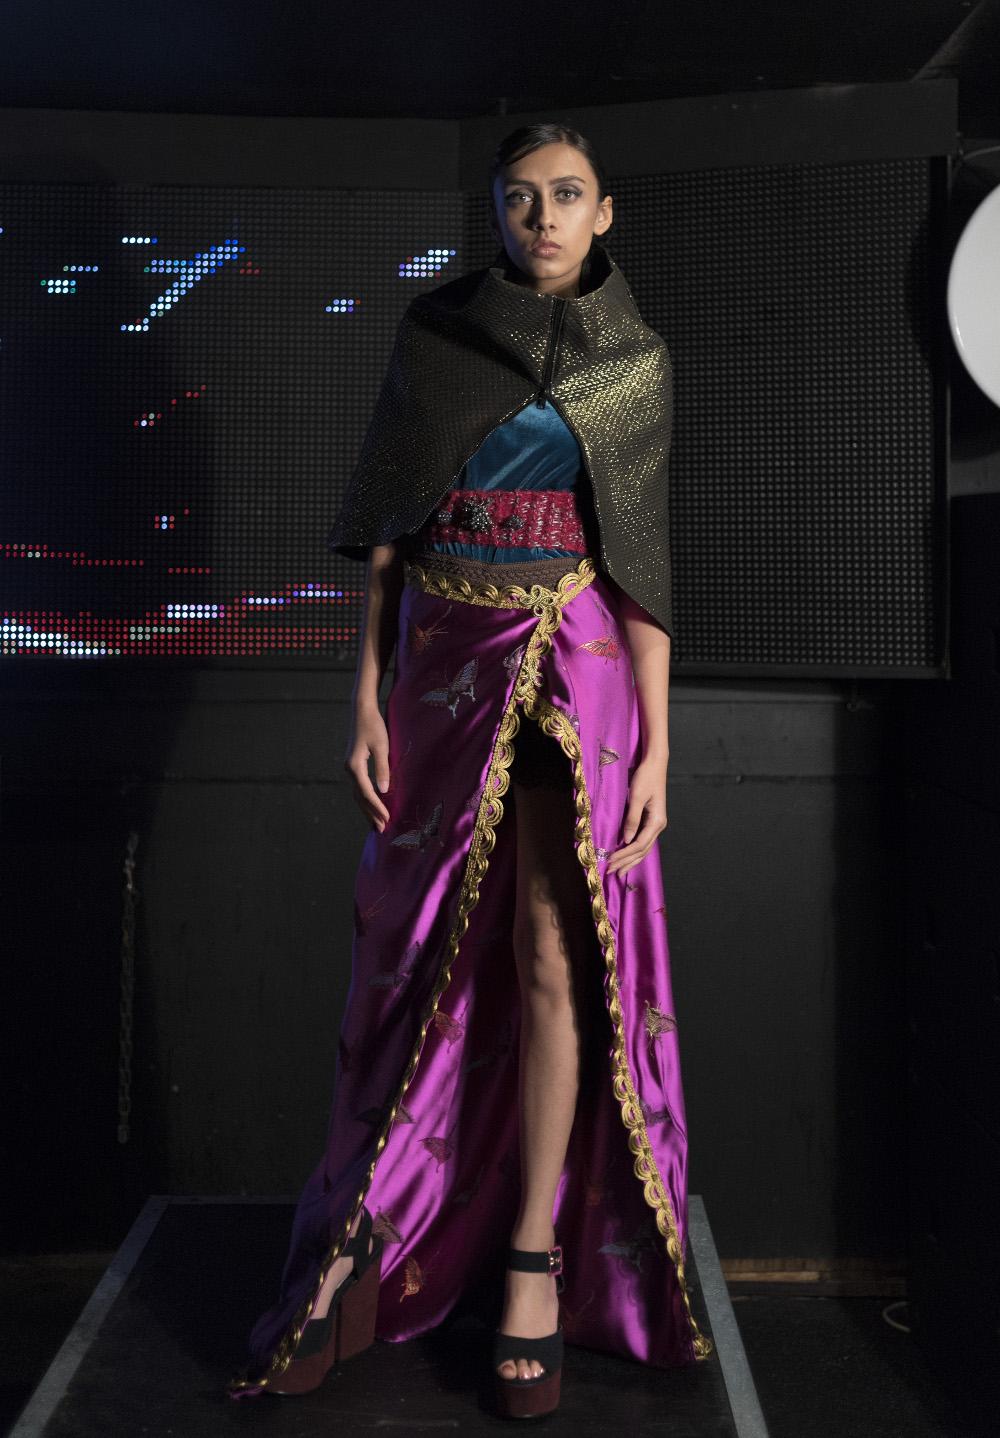 J-na Couture East se encuentra con la designación oeste.